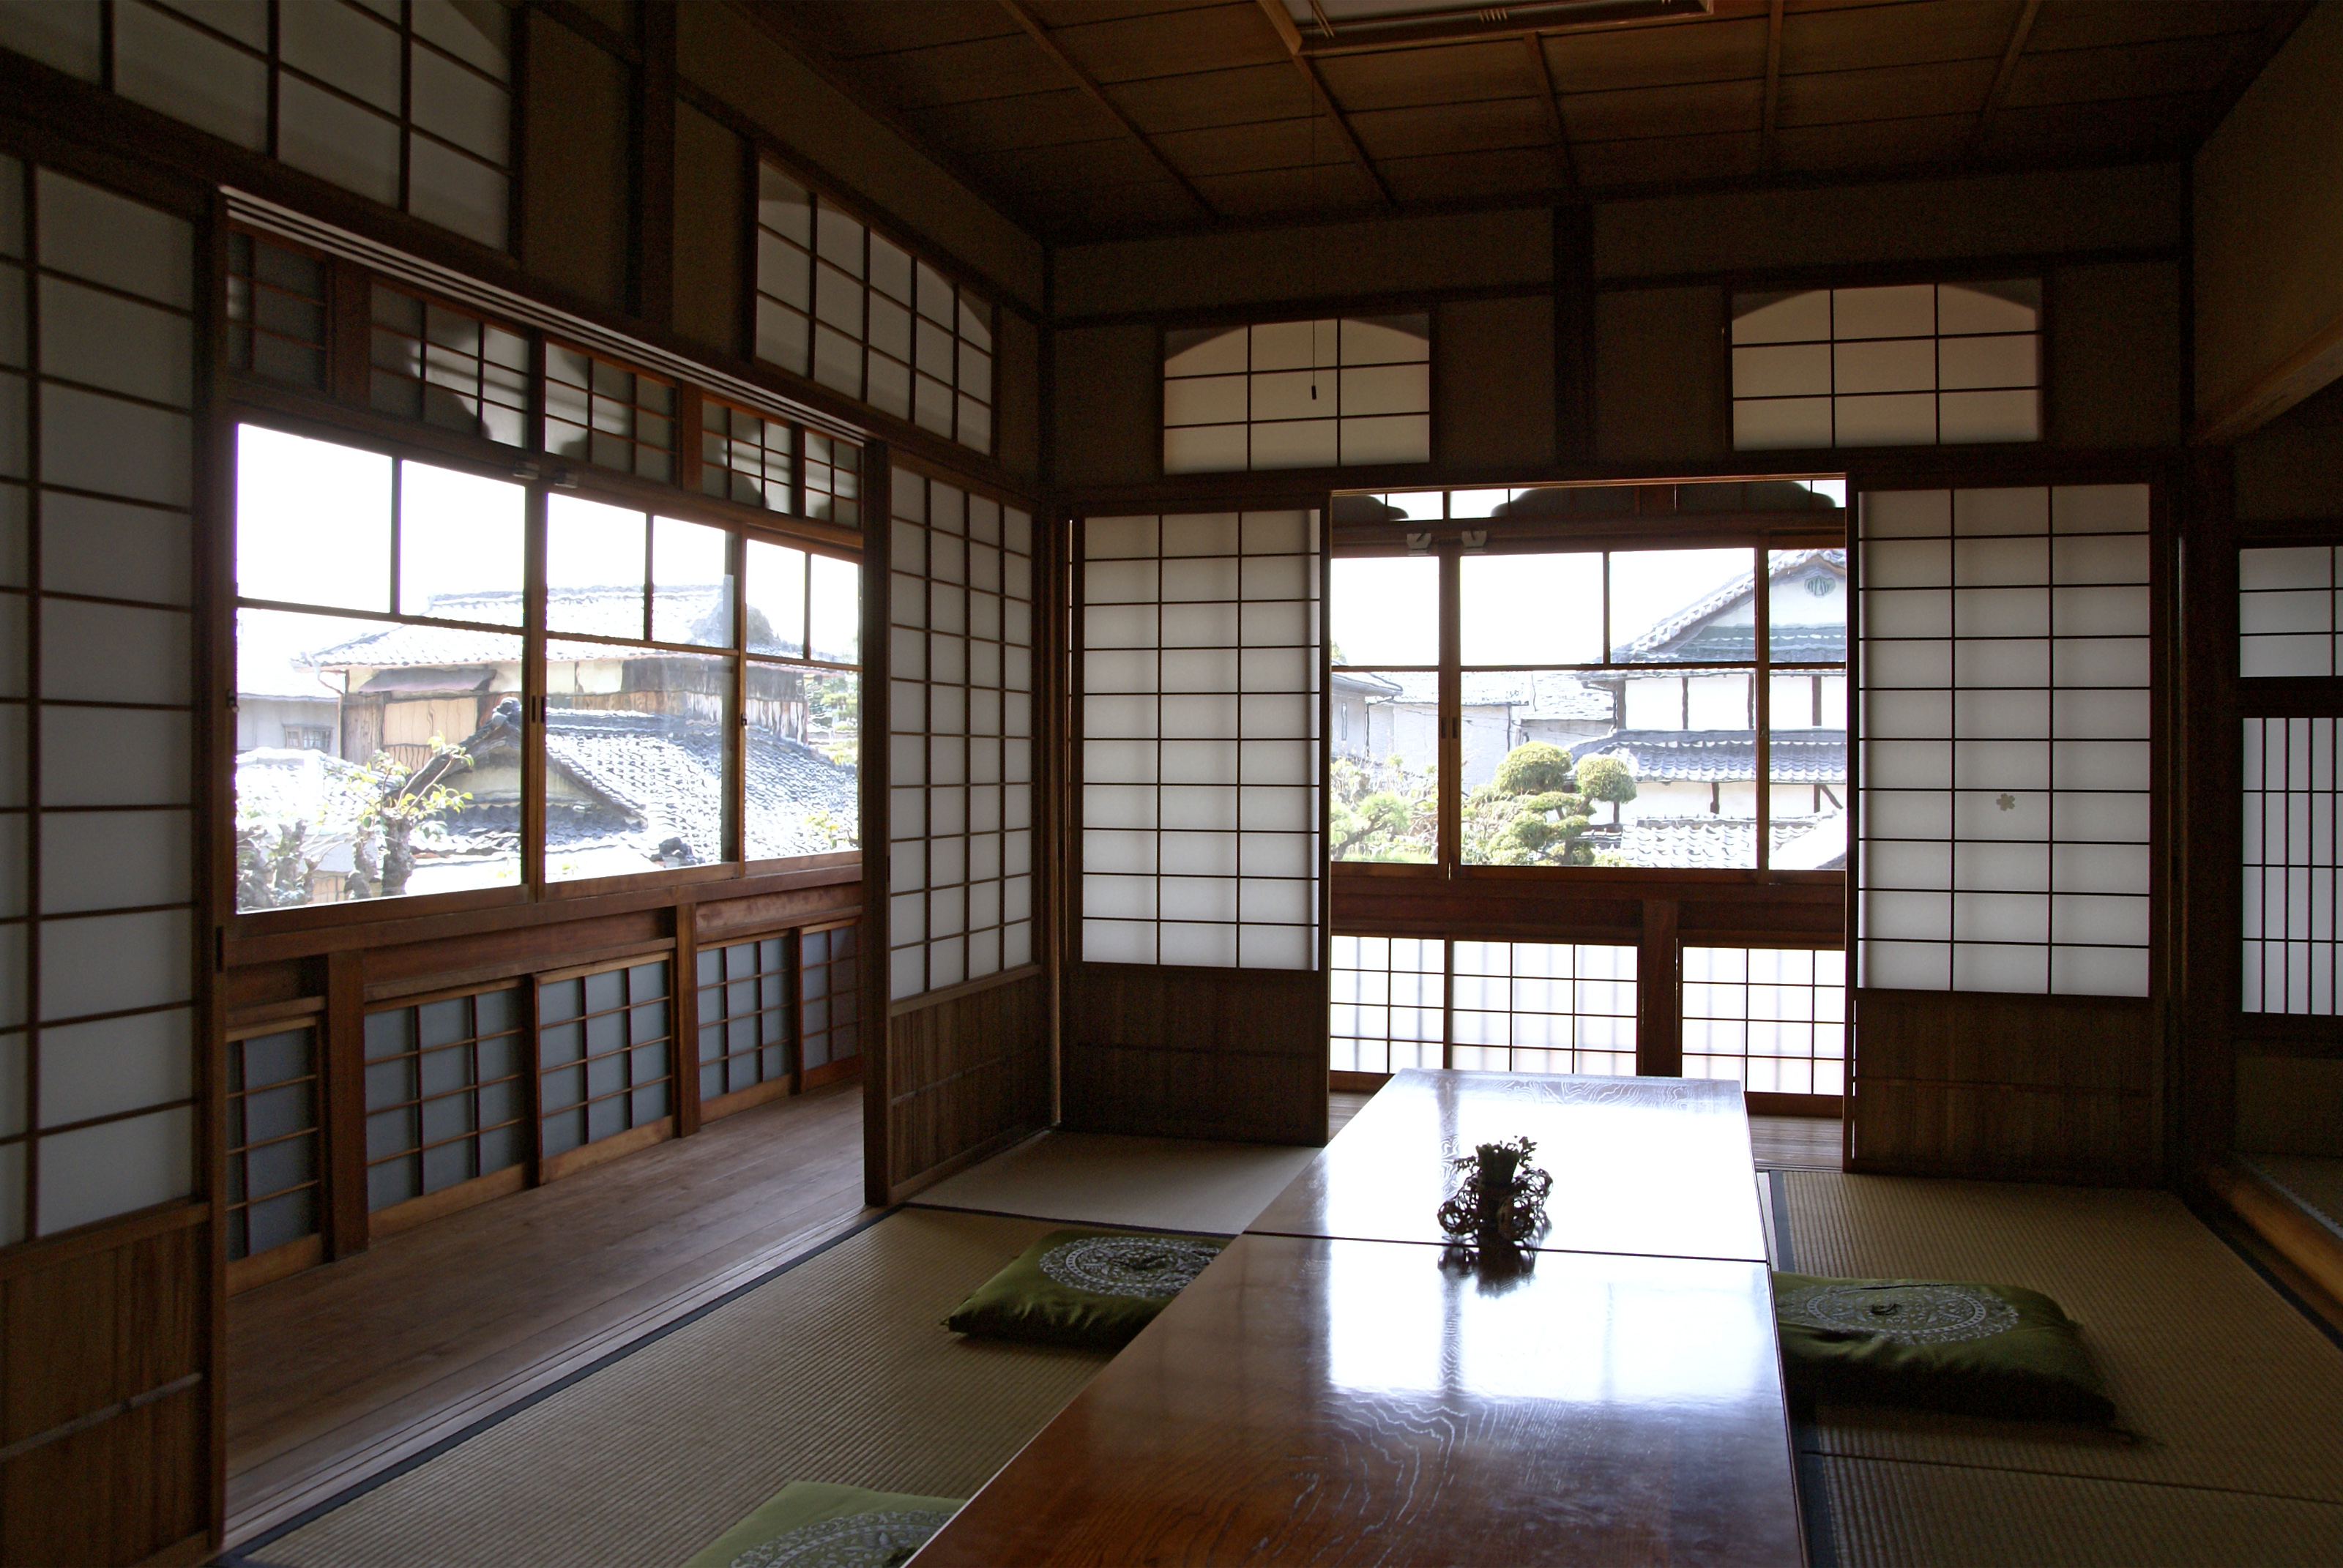 Sh ji wikiwand - Traditionelle japanische architektur ...